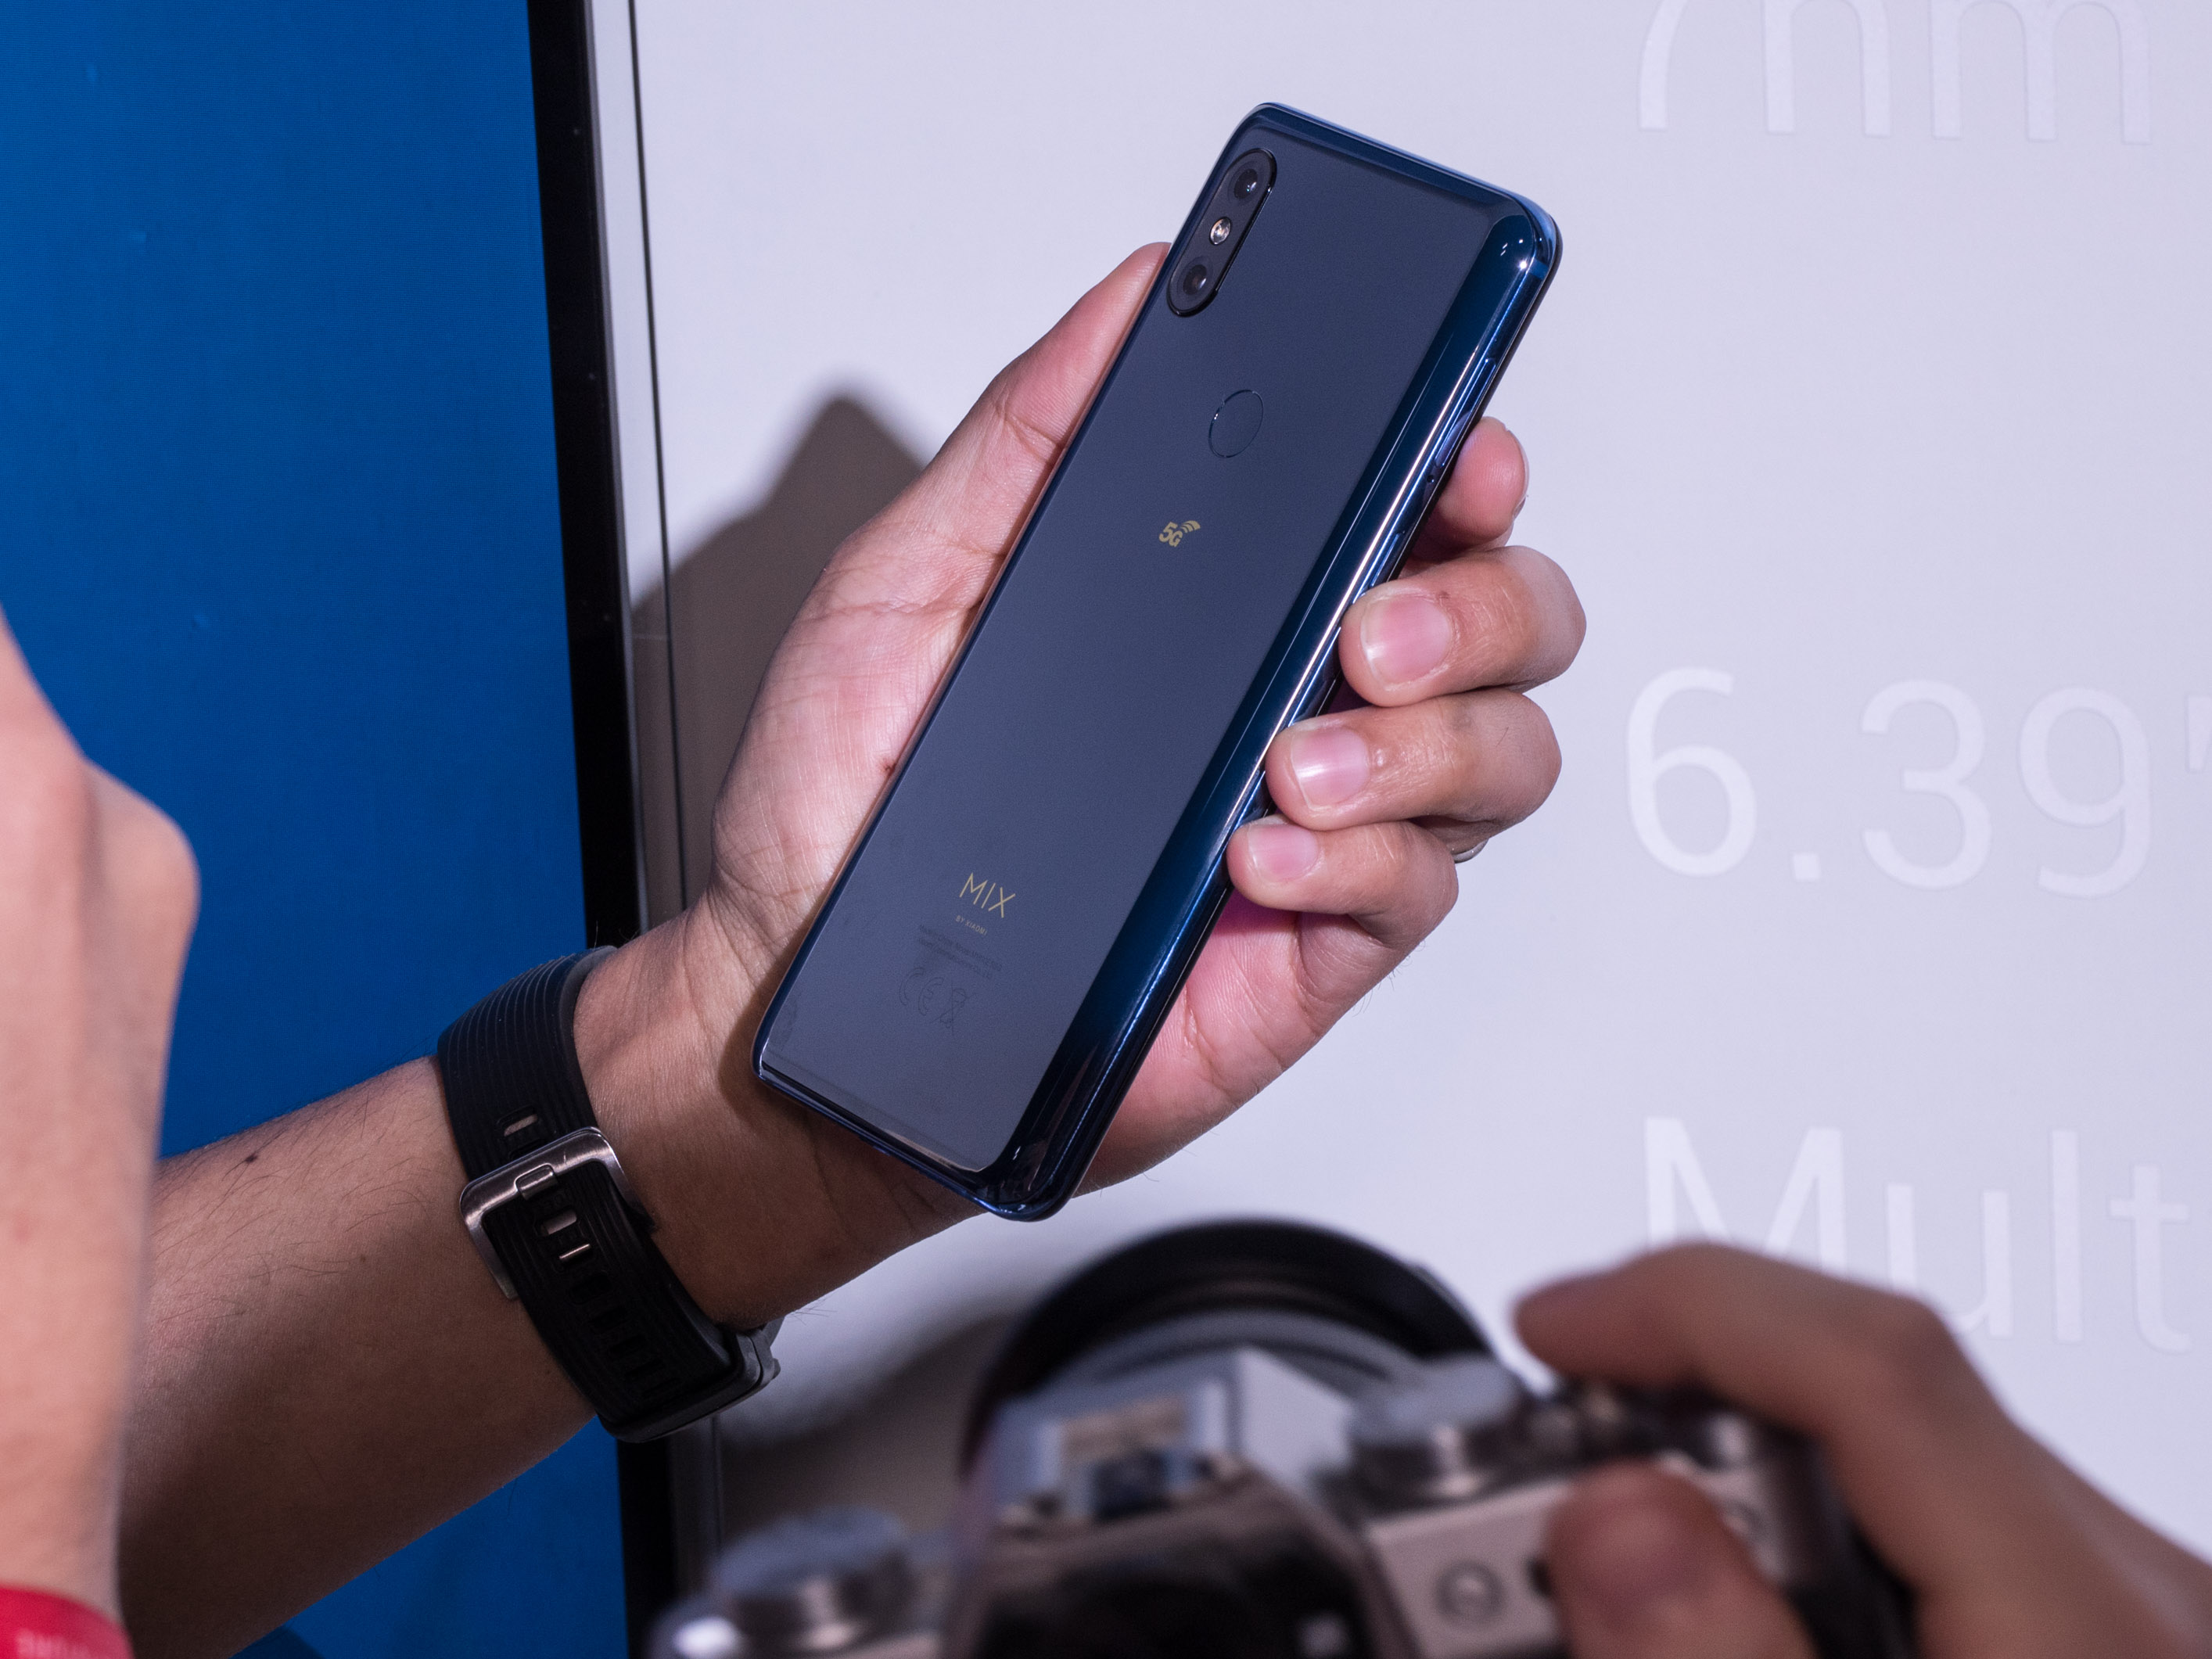 Xiaomi Mi 9 im Hands on: Topsmartphone mit Triple-Kamera für 450 Euro - Xiaomi Mi Mix 5G (Bild: Martin Wolf/Golem.de)